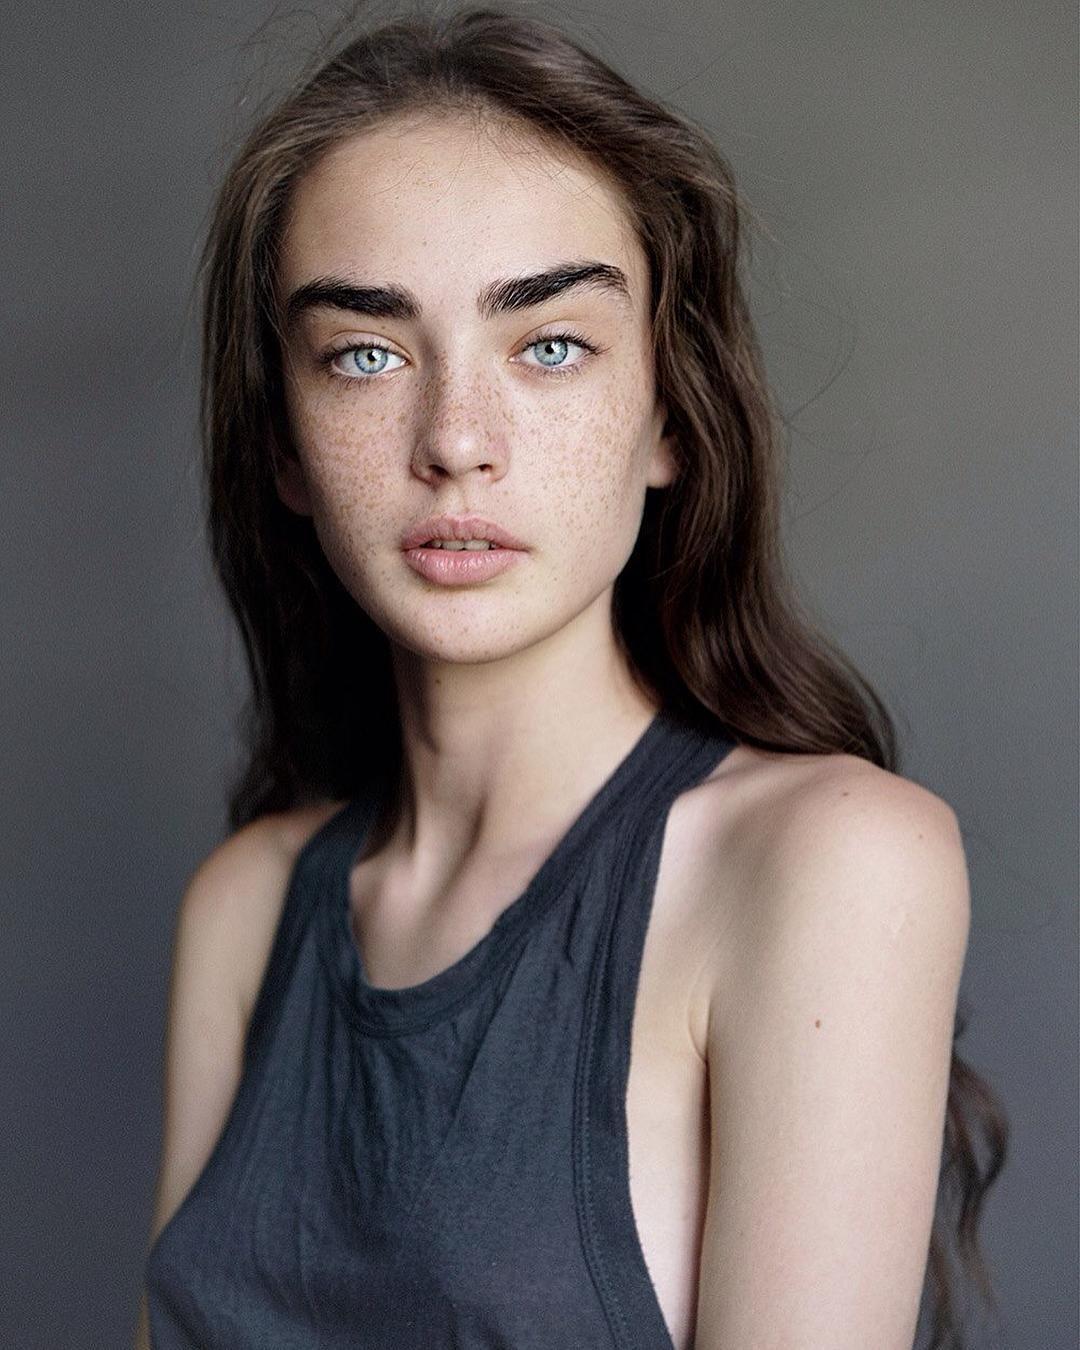 Портрет, Женская фотография, Портреты девушек